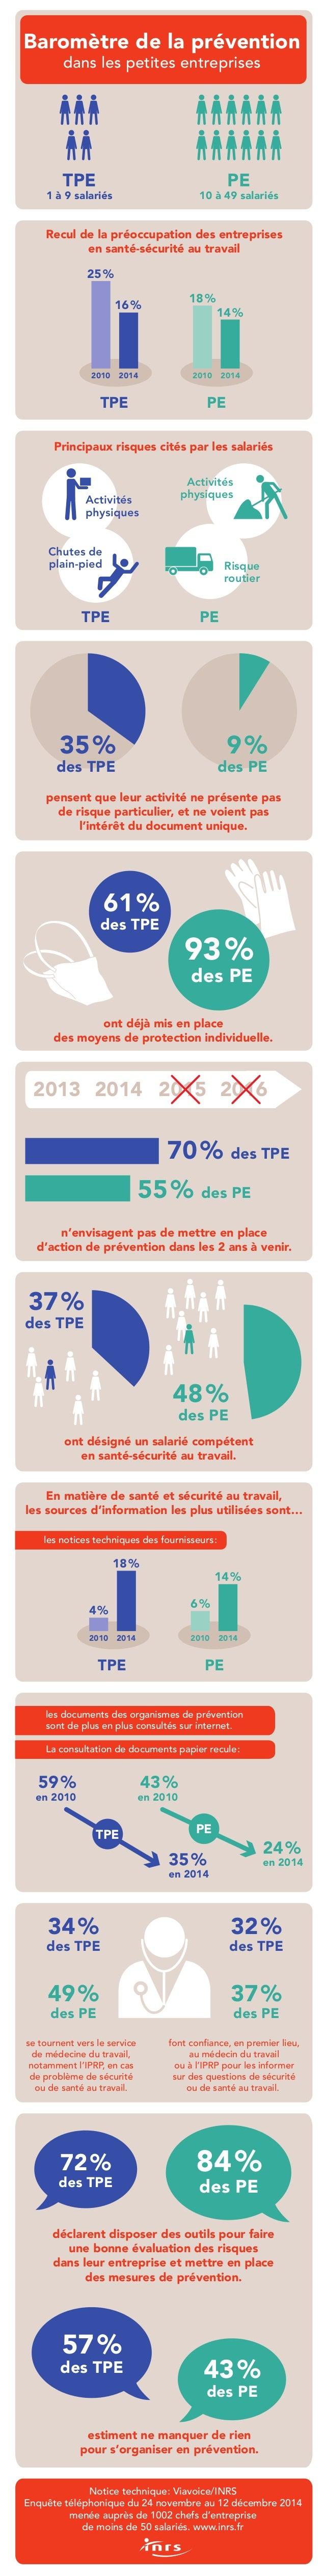 Recul de la préoccupation des entreprises en santé-sécurité au travail TPE PE 2010 25% 16% 18% 14% 2014 20142010 TPE 1 à 9...